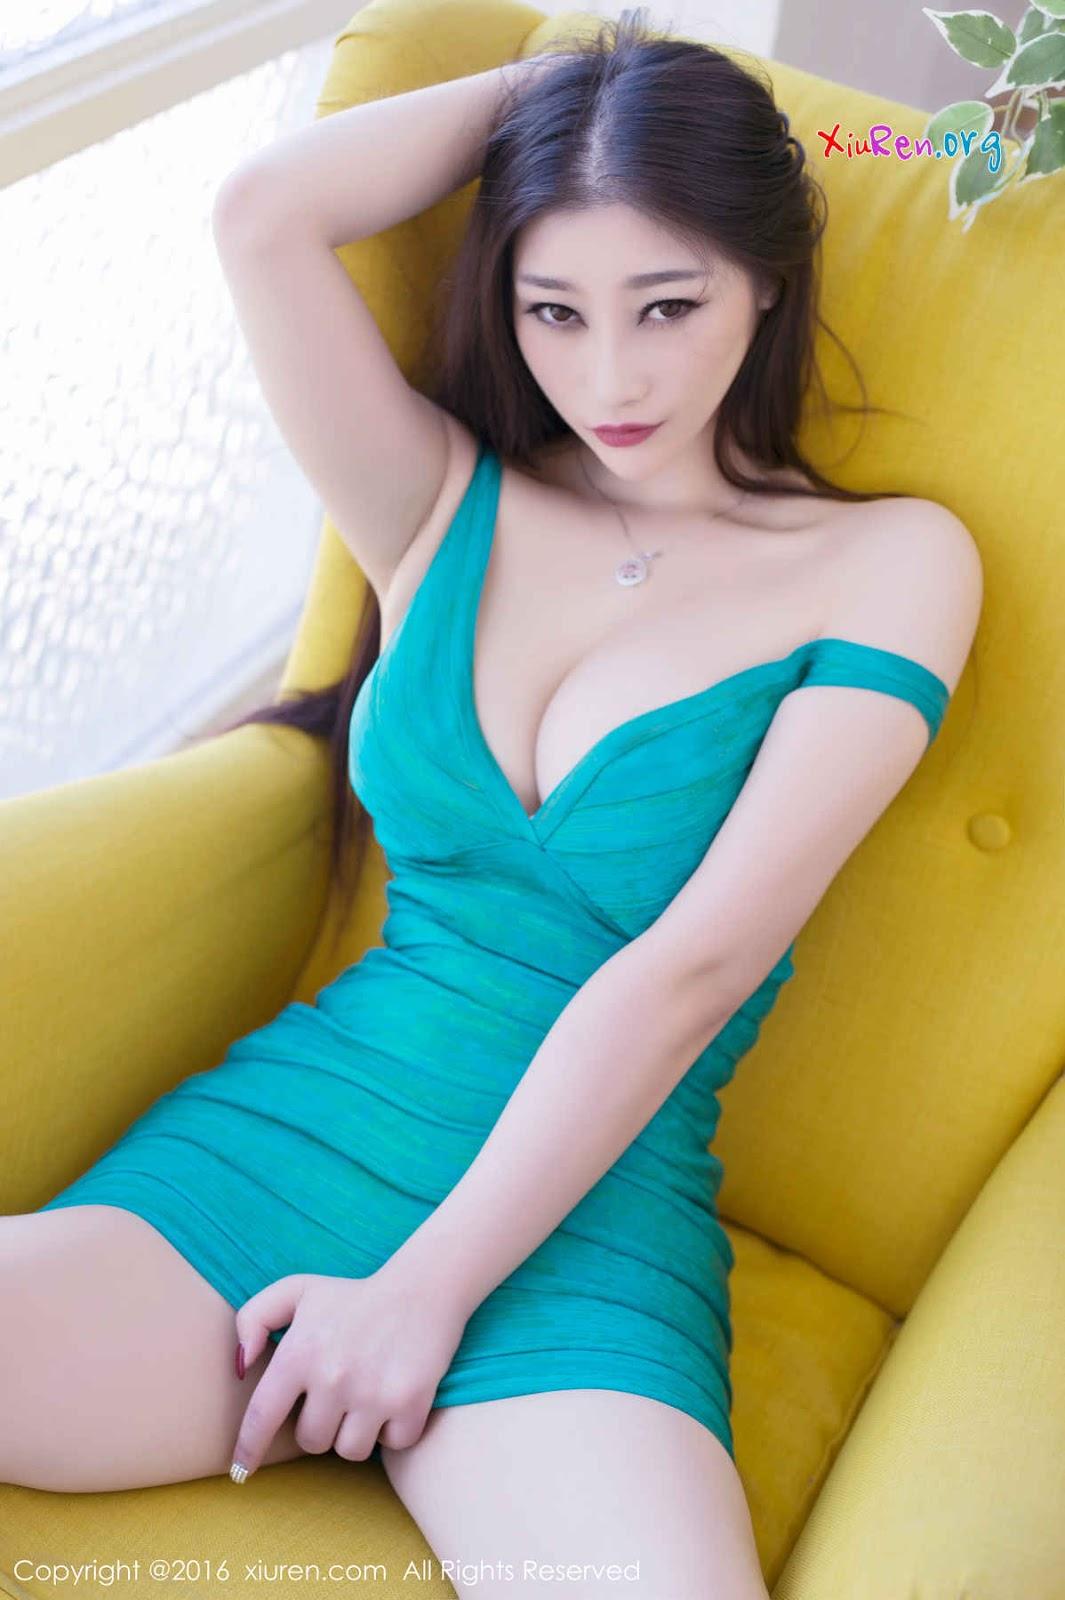 Bộ ngực của em gái xinh này phải mấy chục cân mất